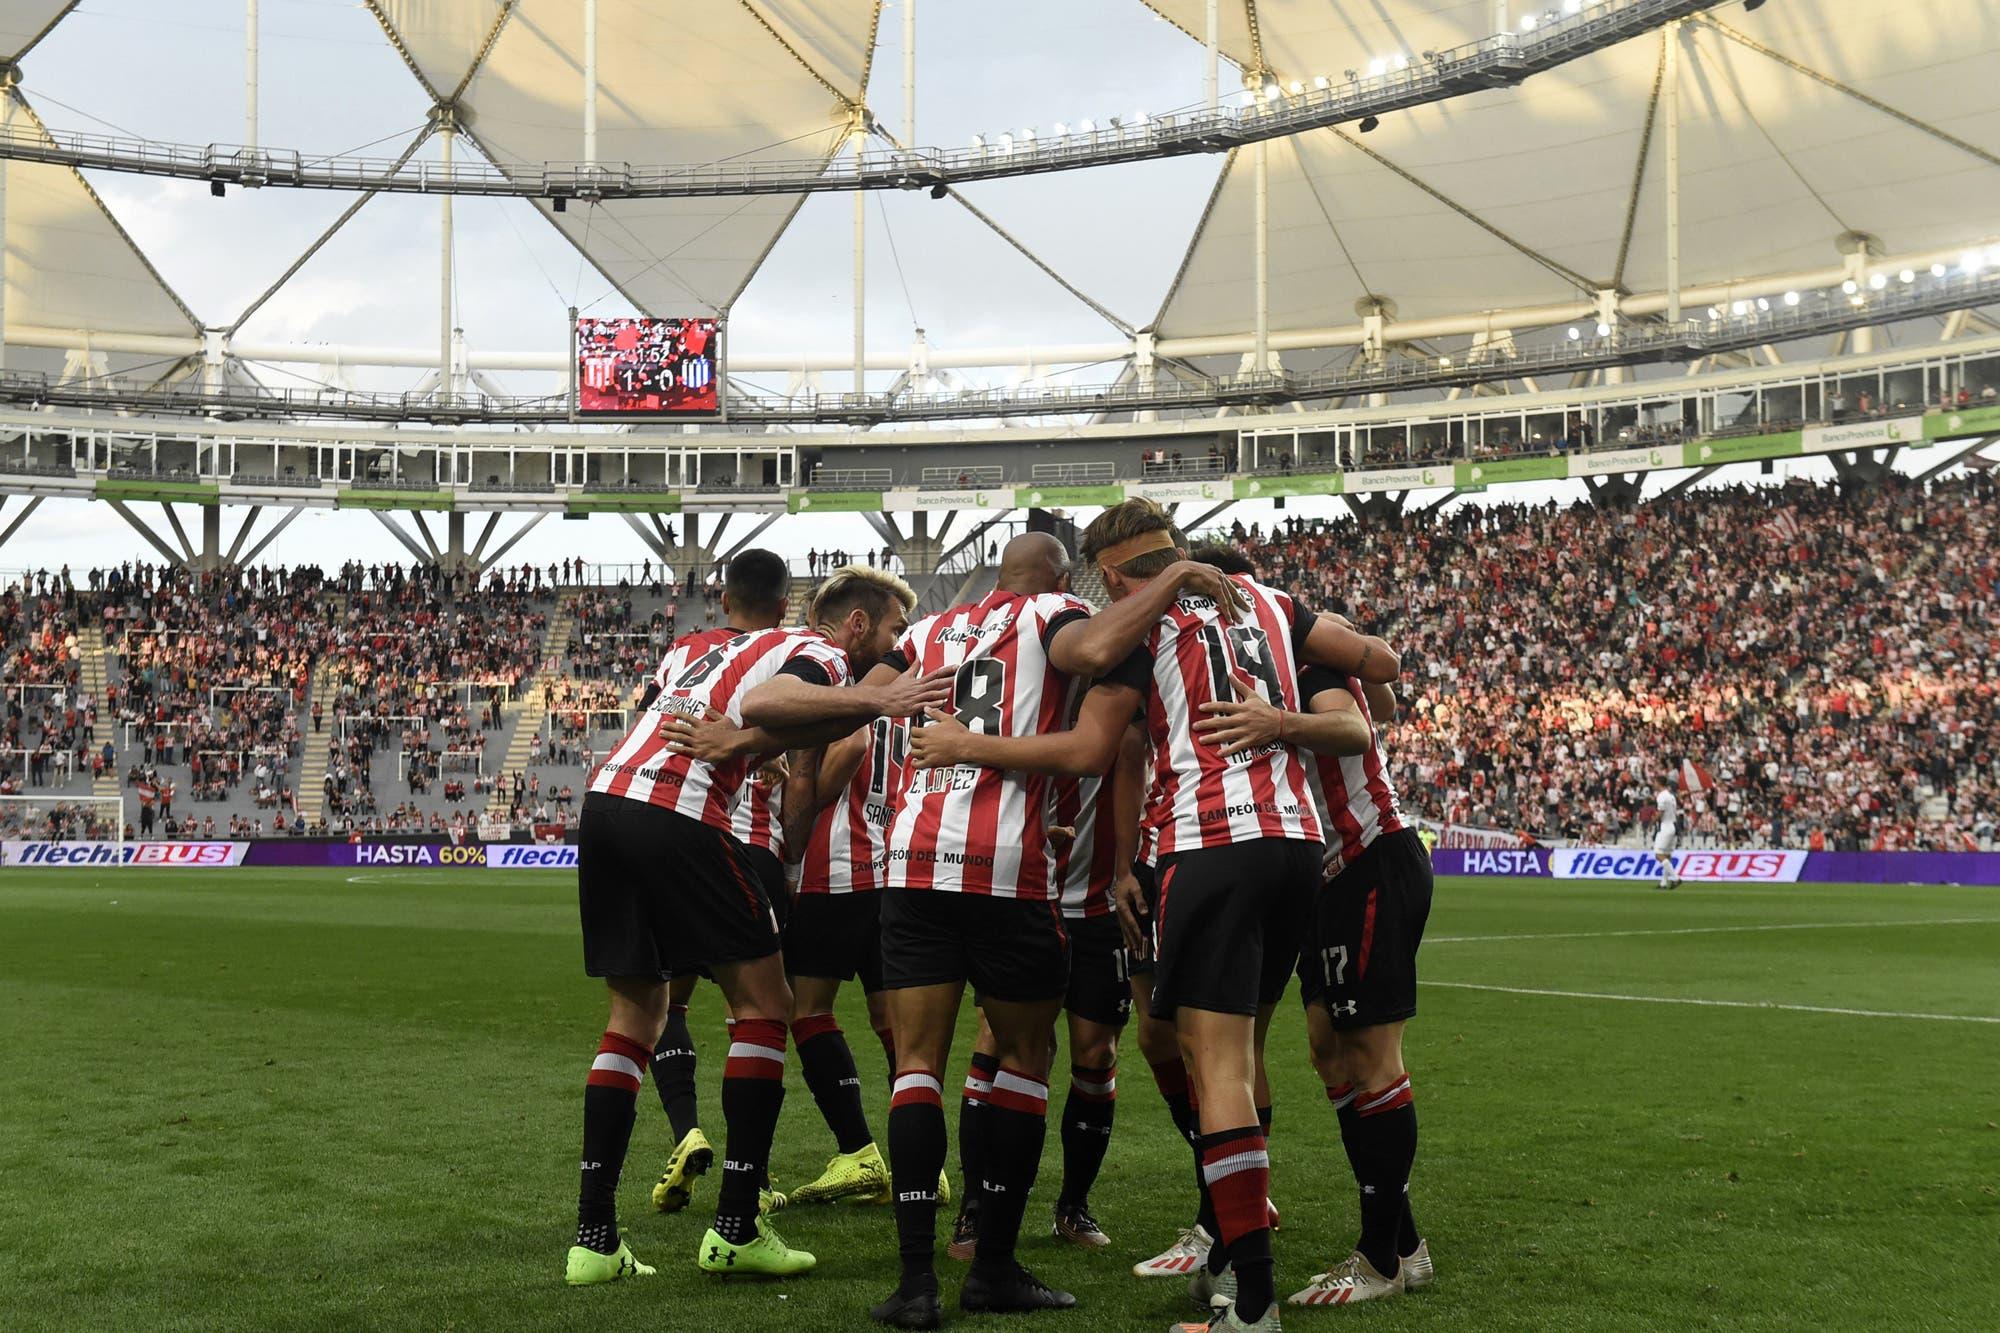 Estudiantes de La Plata y sus 13 años en el estadio Único: una historia de amor de principio a fin